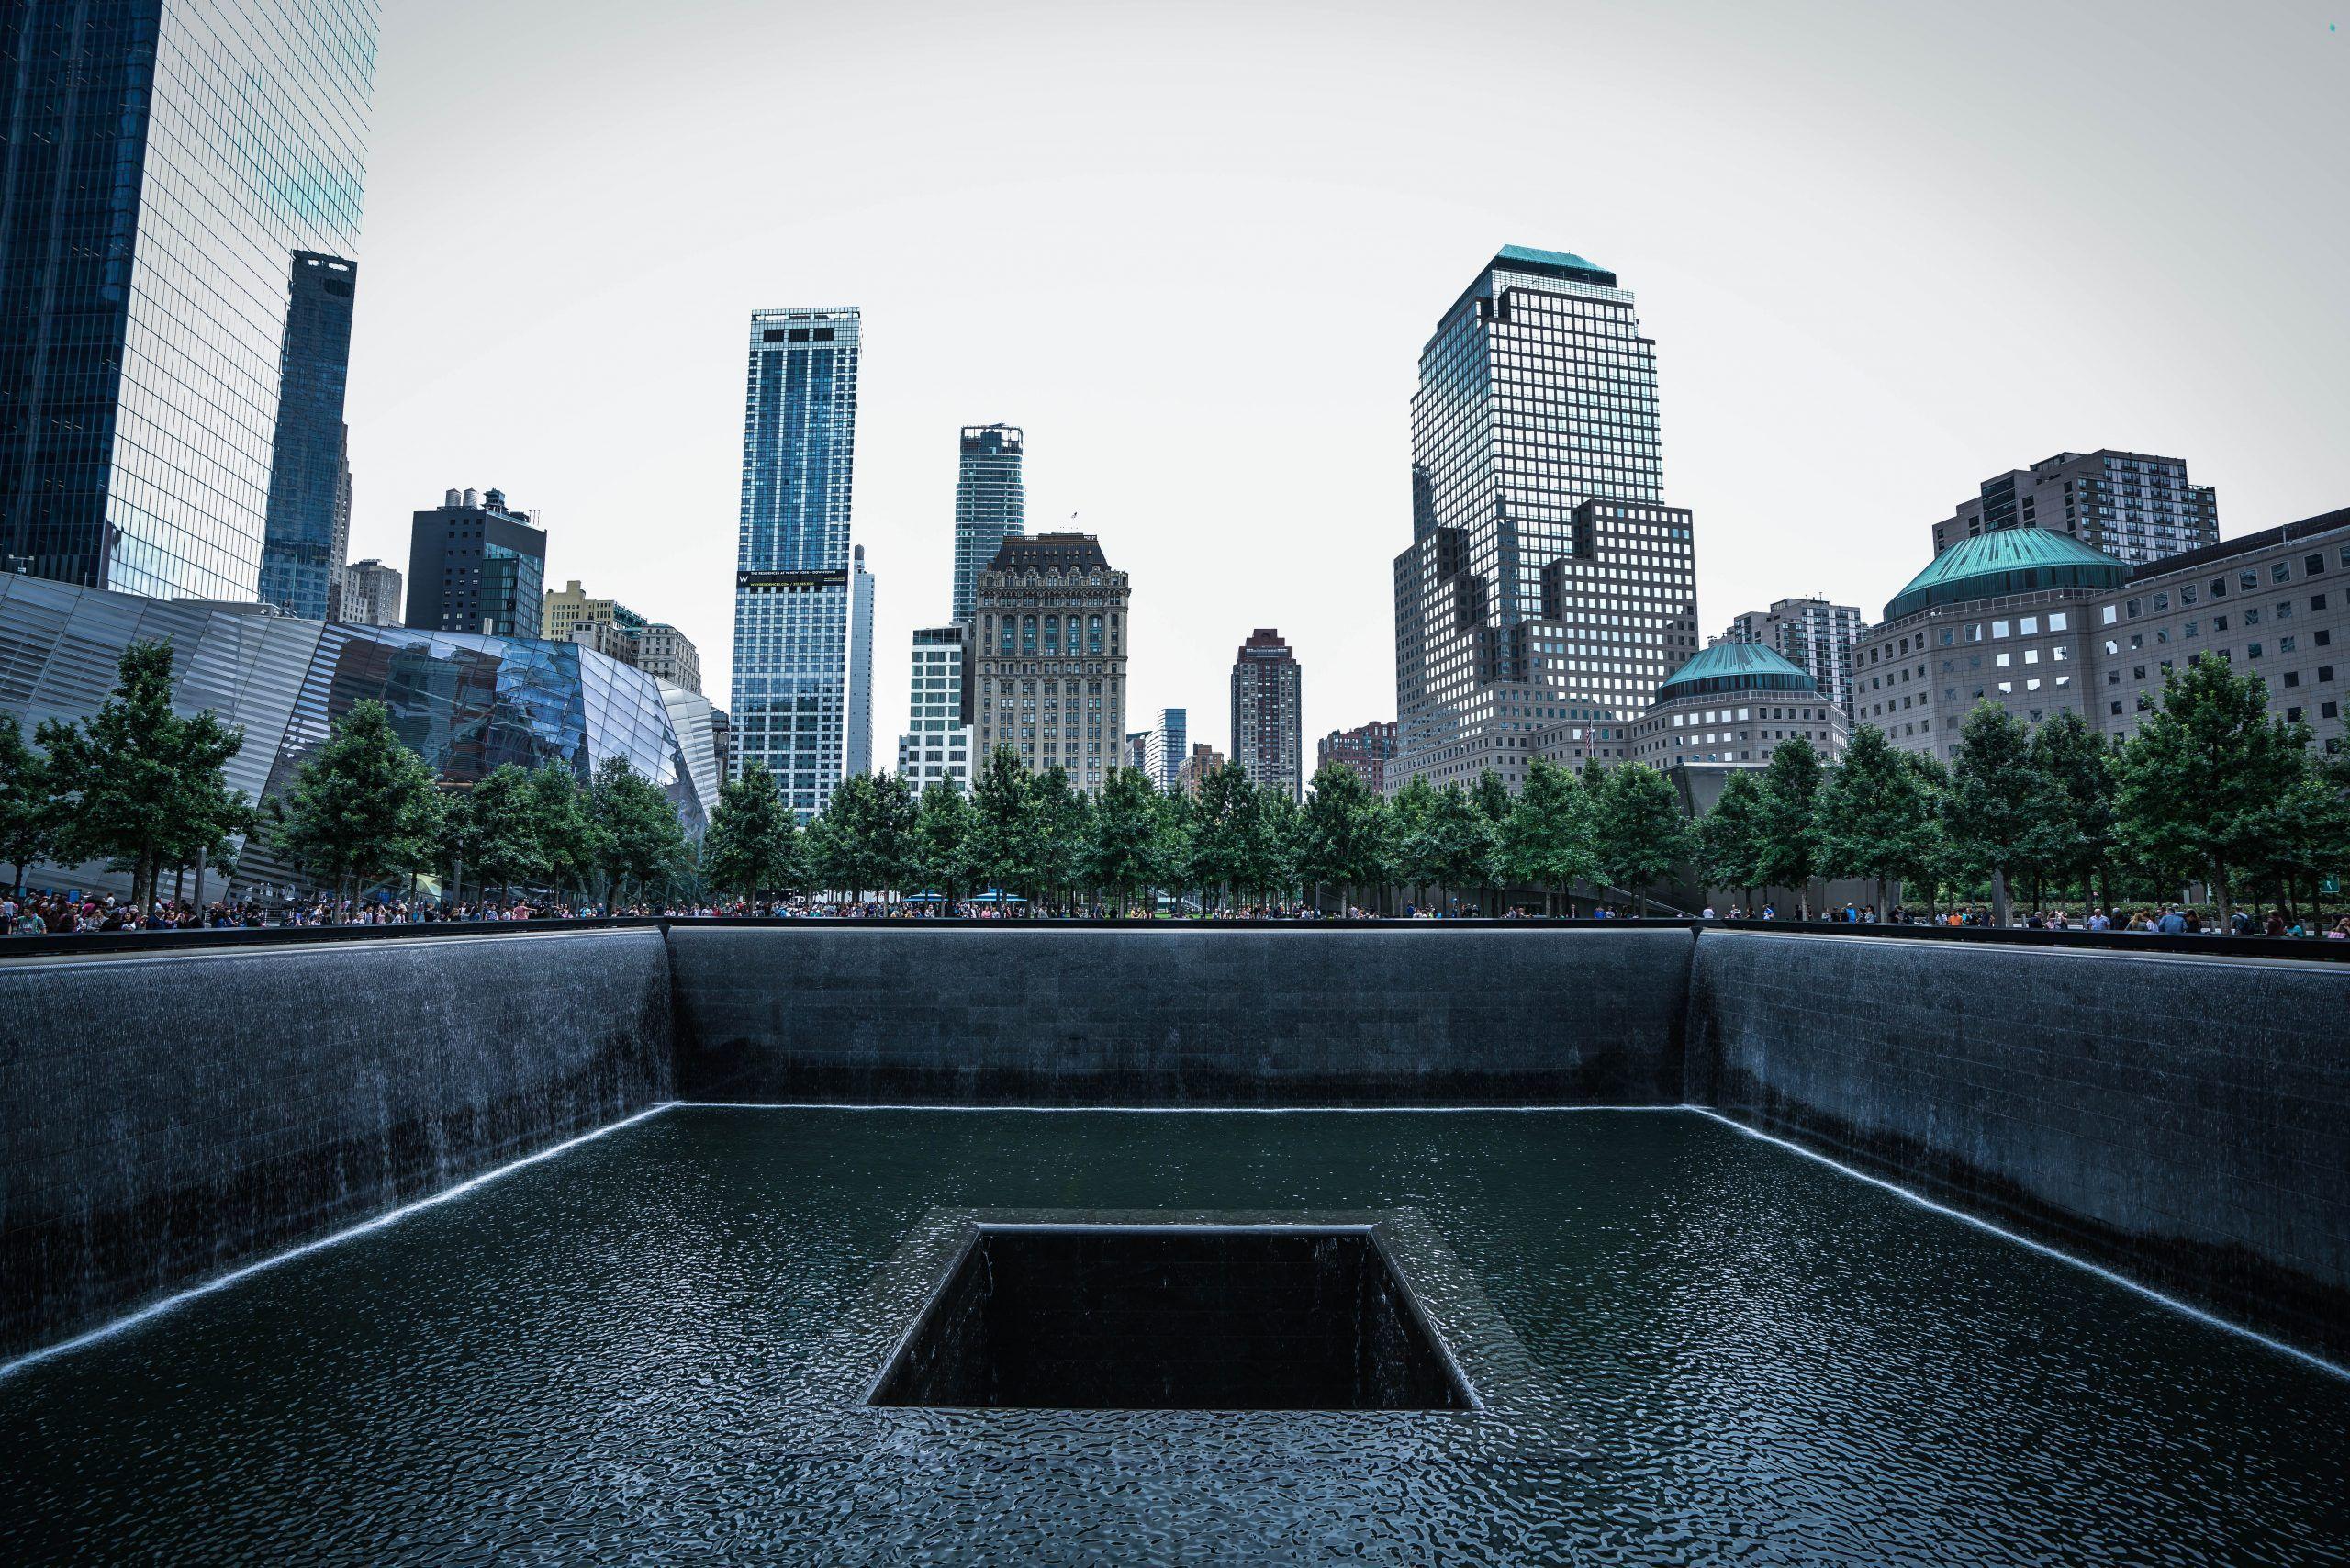 L'un des monuments du Memorial 11S